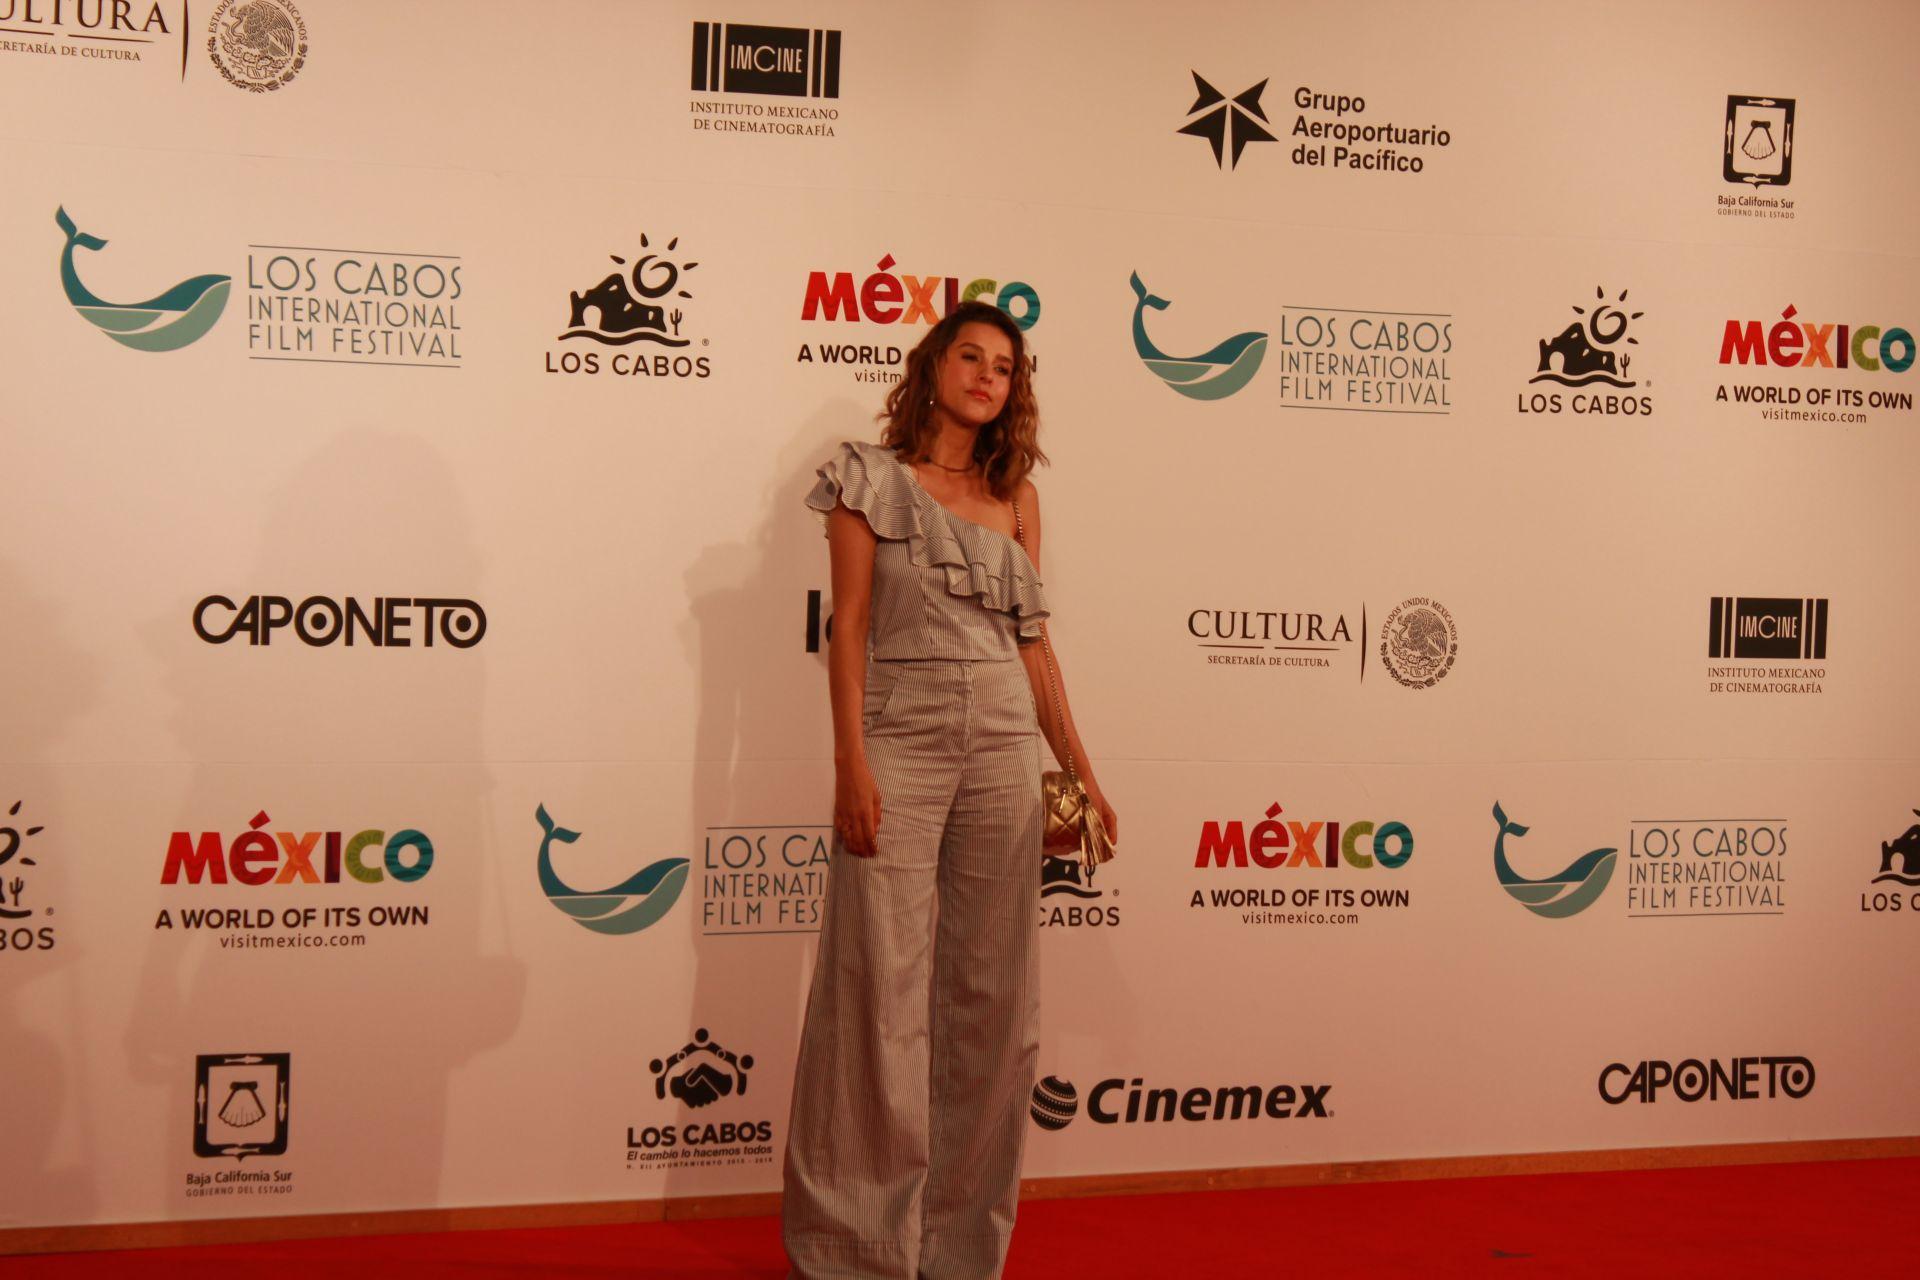 los-cabos-film-festival-gala-05